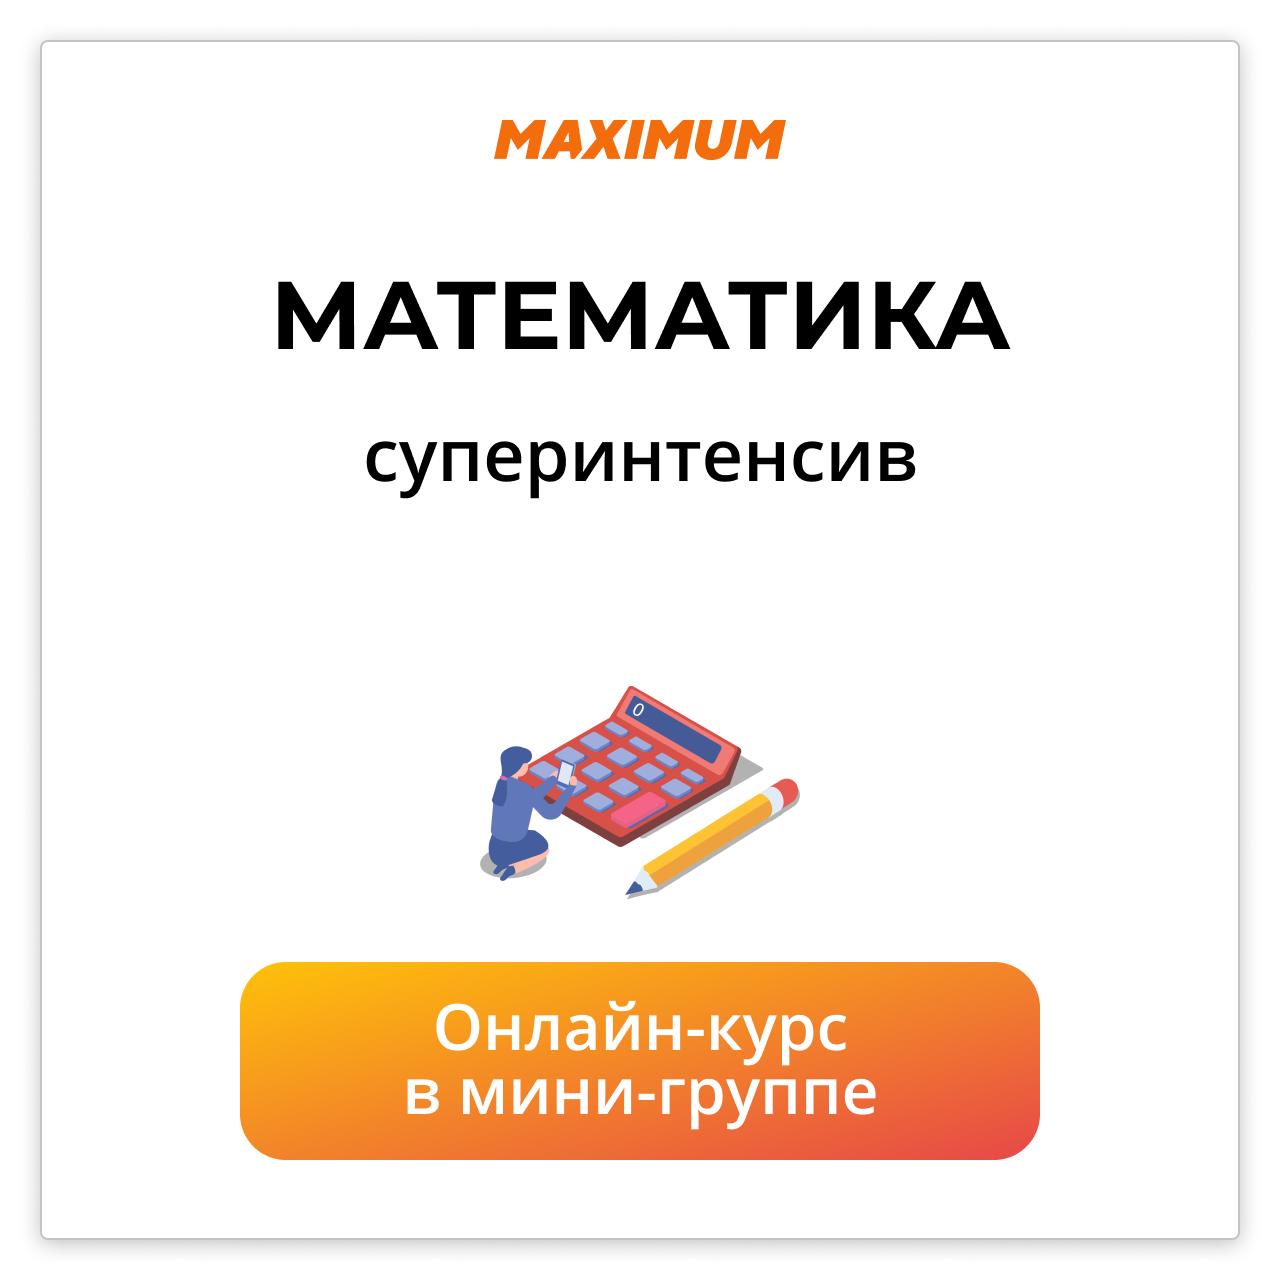 Математика ЕГЭ Профиль Мини-группа